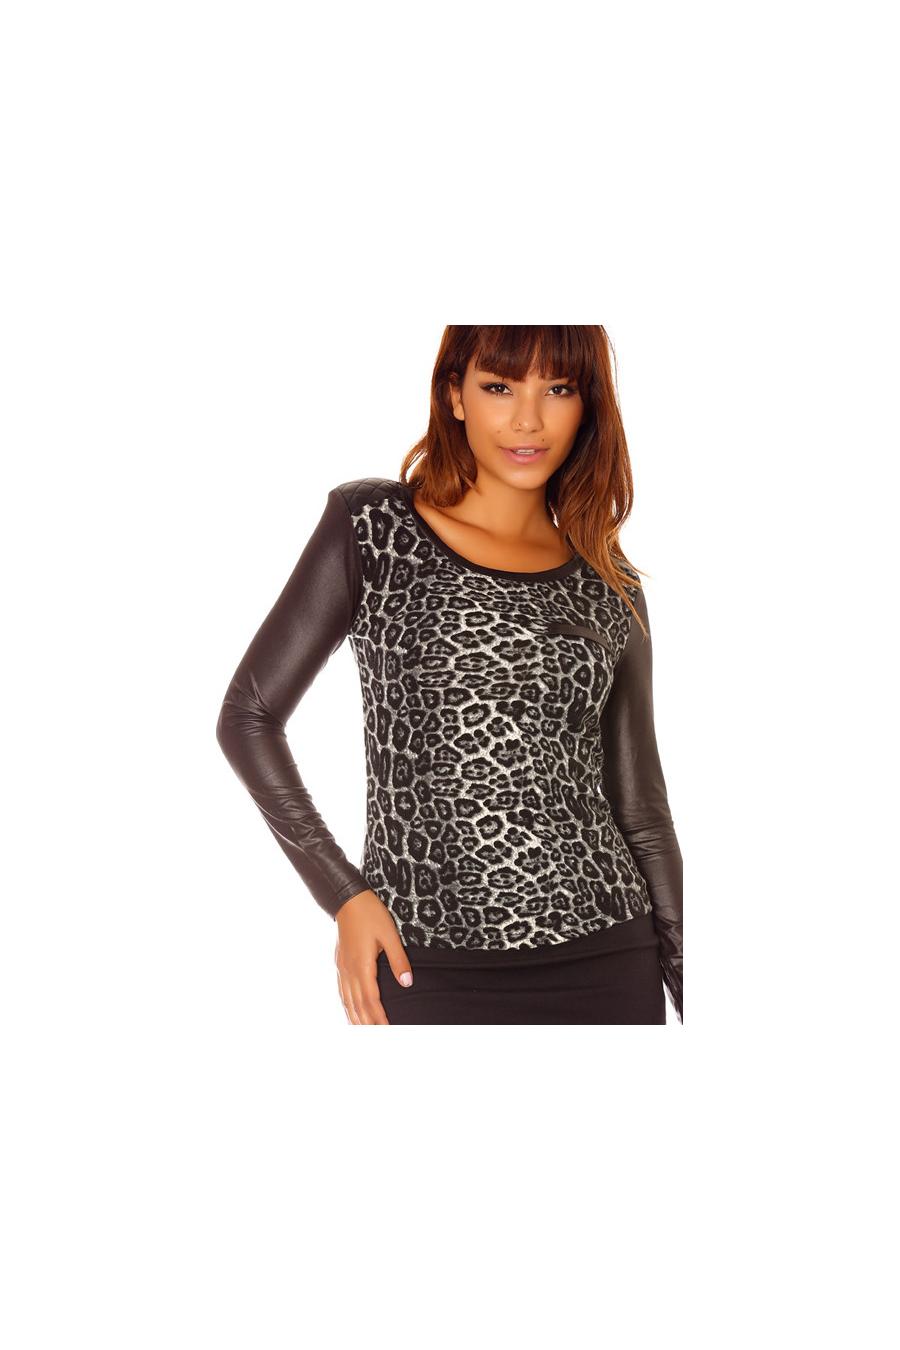 Grijze top met luipaardprint, bi-materiaal en lange mouw. 2530